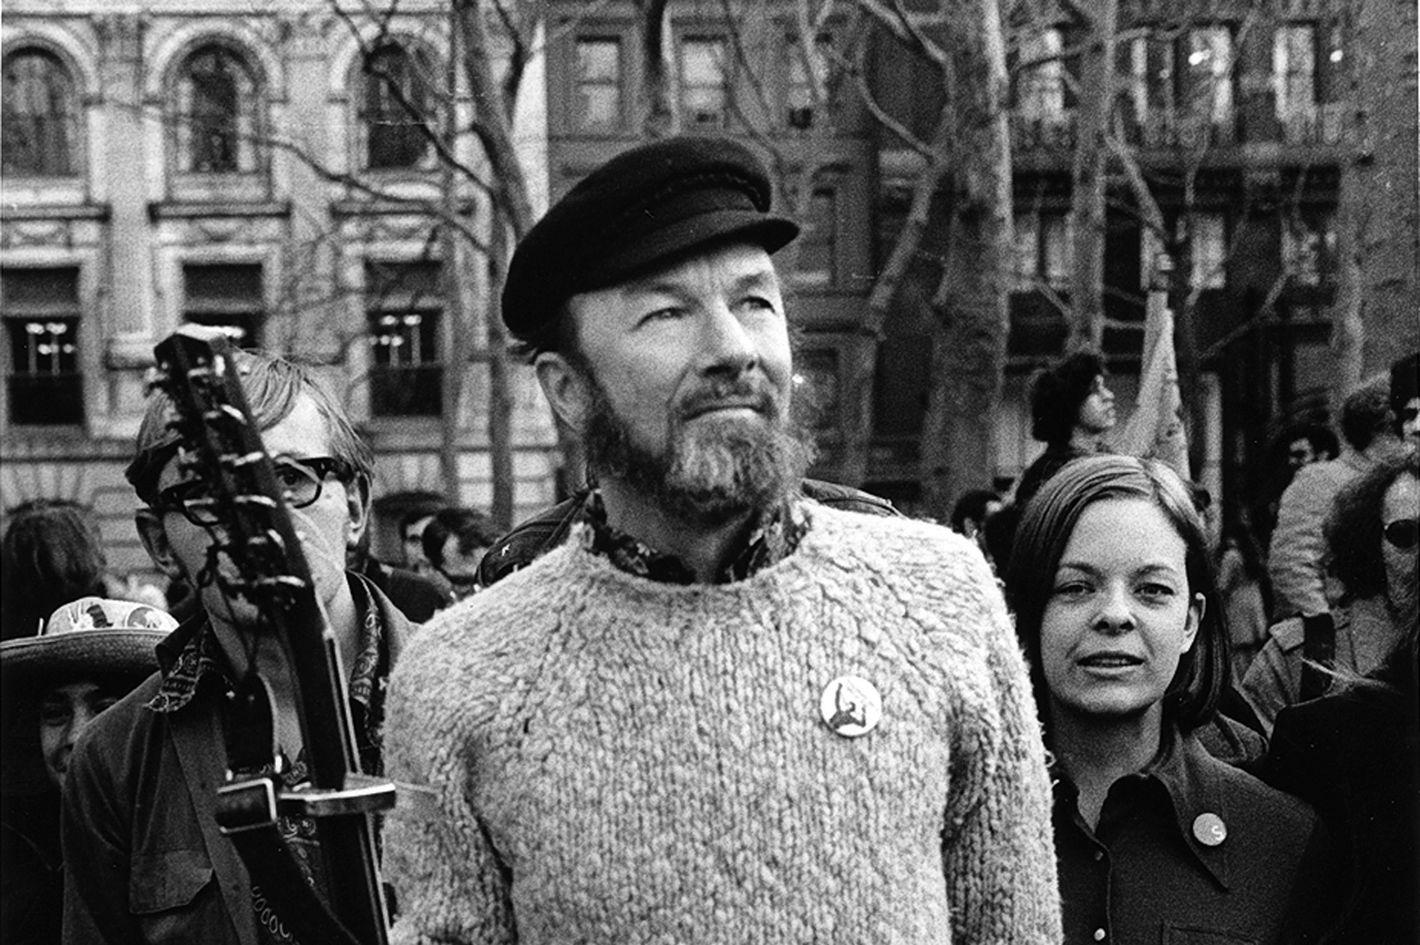 Seeger in 1970.